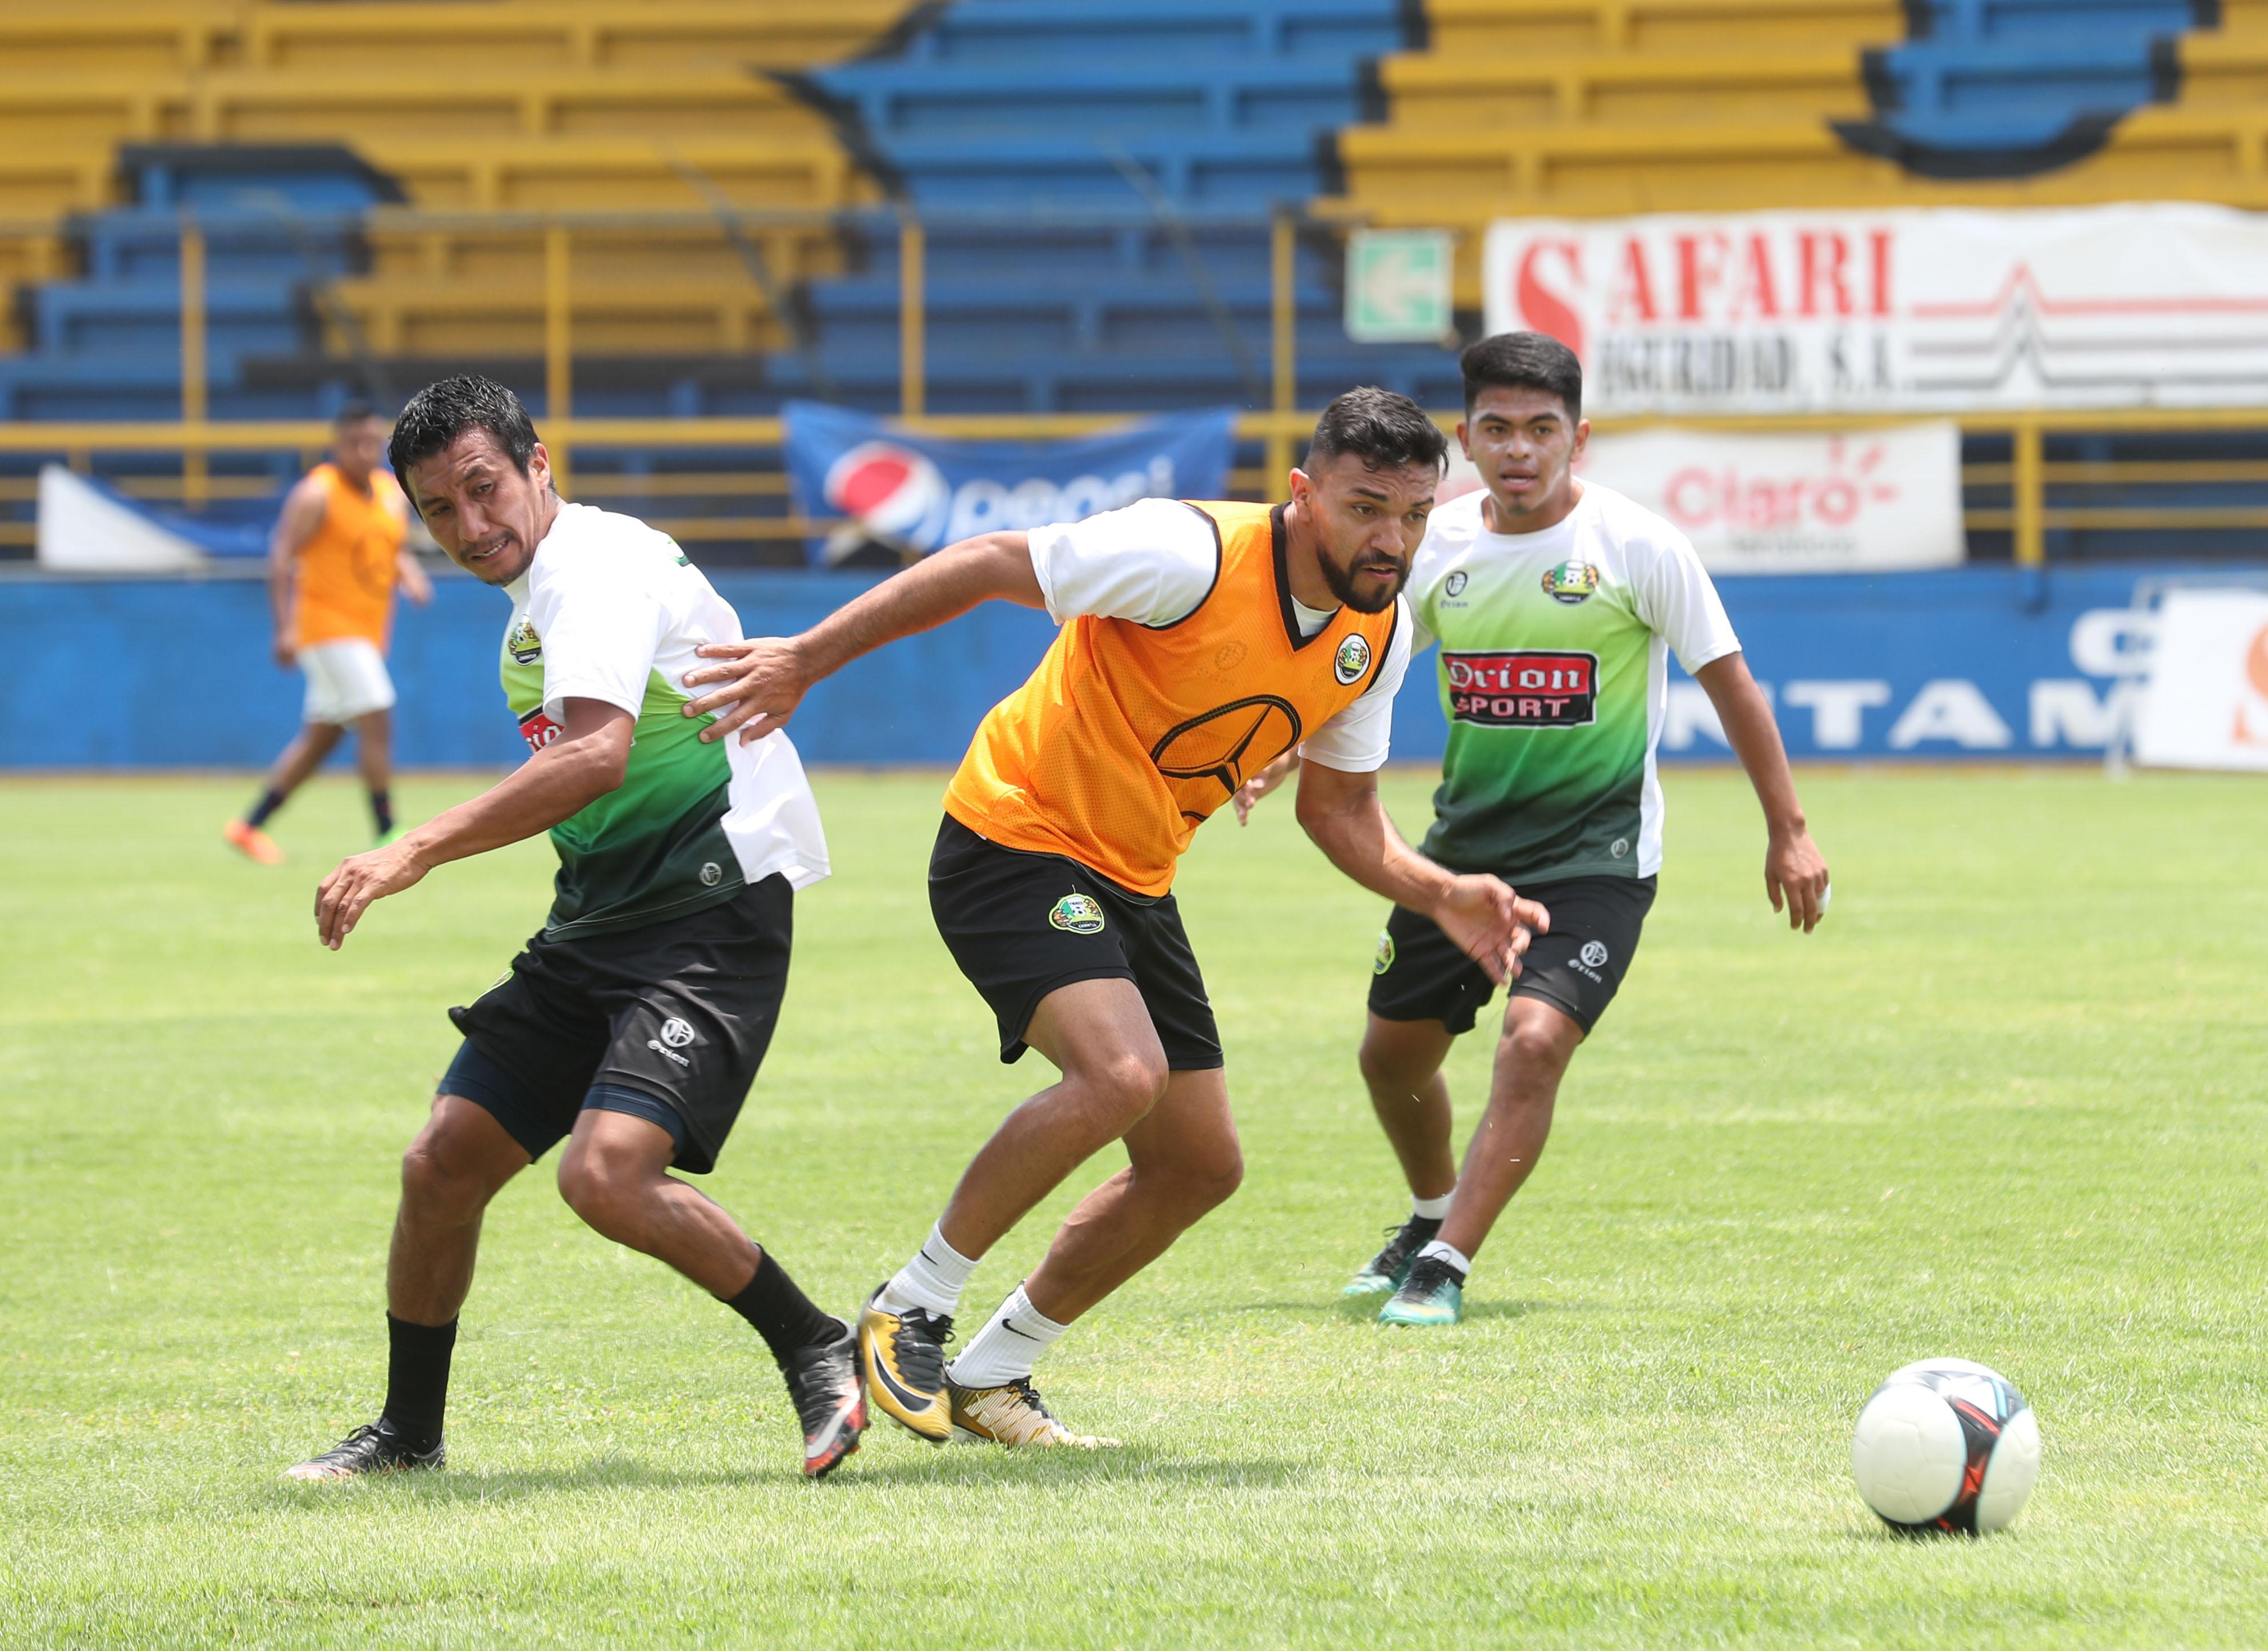 Chiantla entrenó este martes 9 de abril del 2019 en el estadio Del Ejército, para preparar el juego contra Comunicaciones, de la fecha 14 del Clausura 2019 (Foto Prensa Libre: Edwin Fajardo)